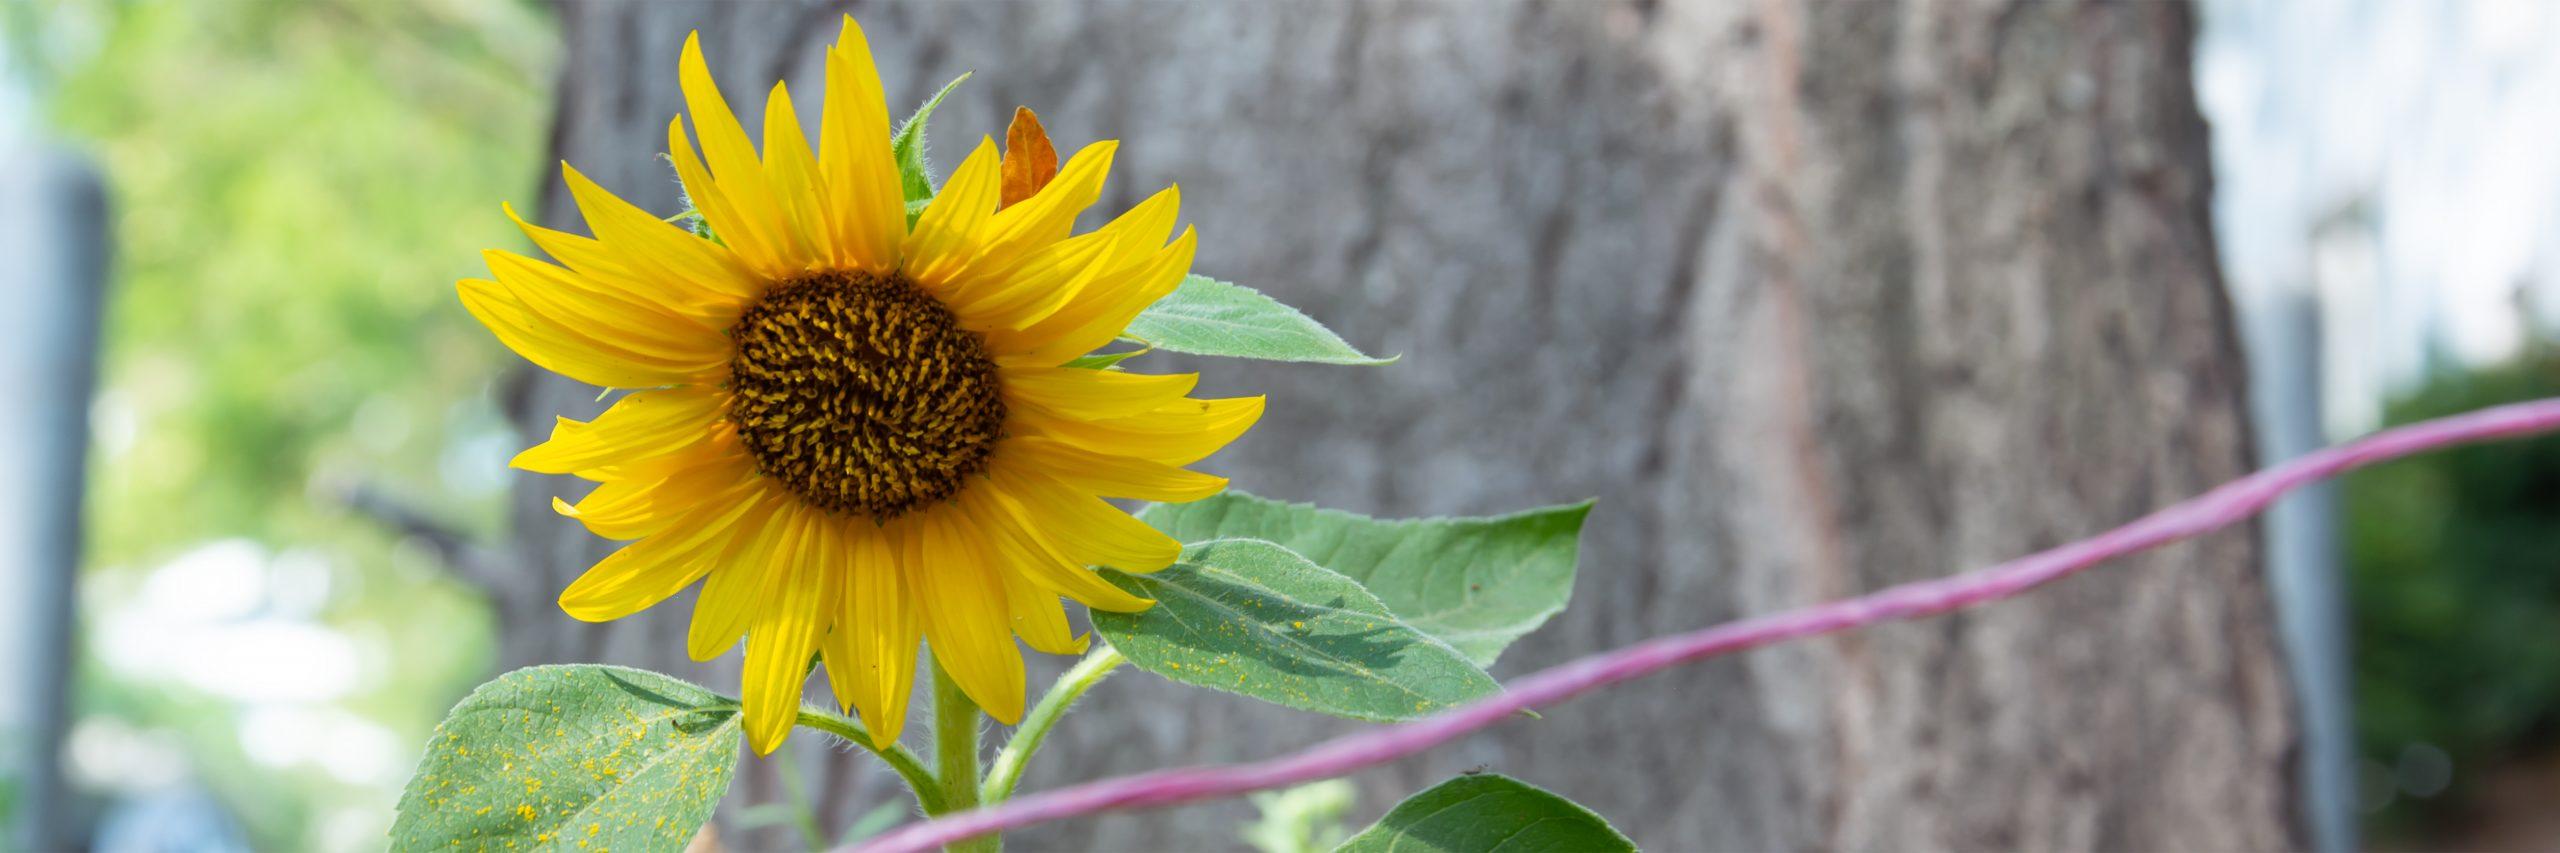 Sonnenblume als Symbol für die Umwelt